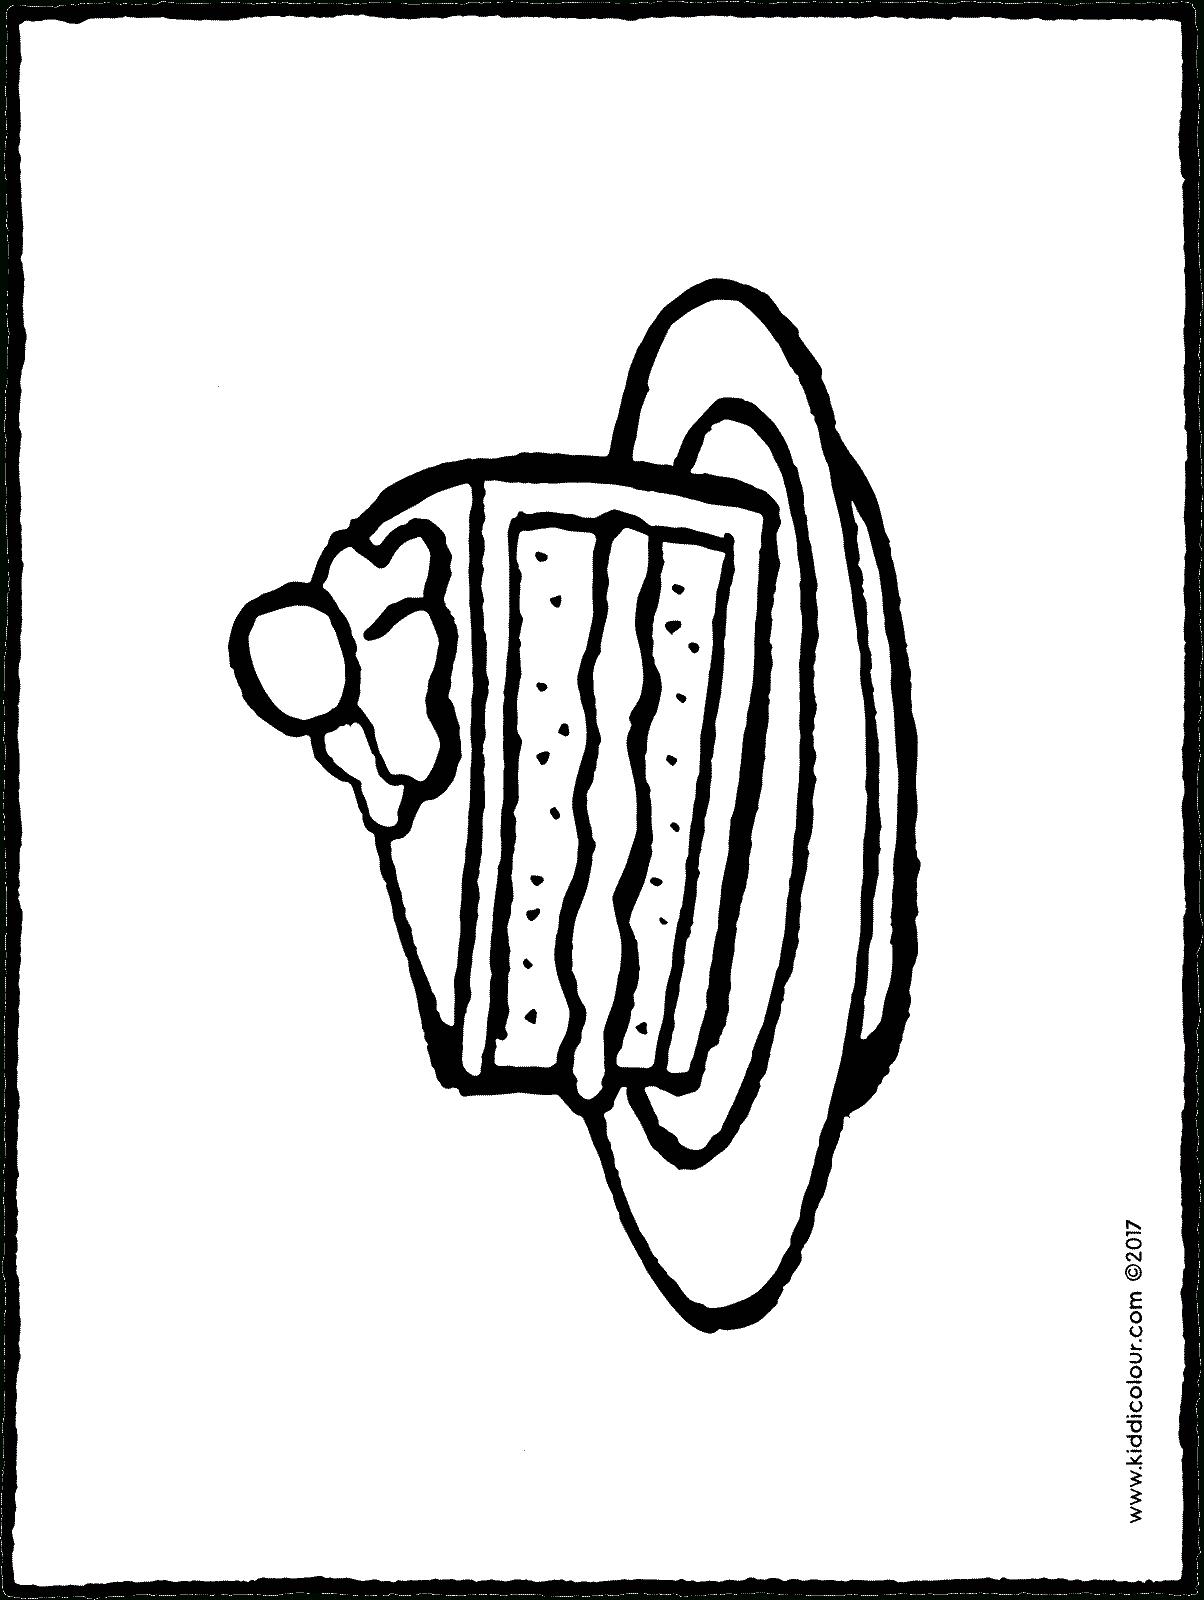 Une Part De Gâteau - Kiddicoloriage concernant Dessin Sur Gateau